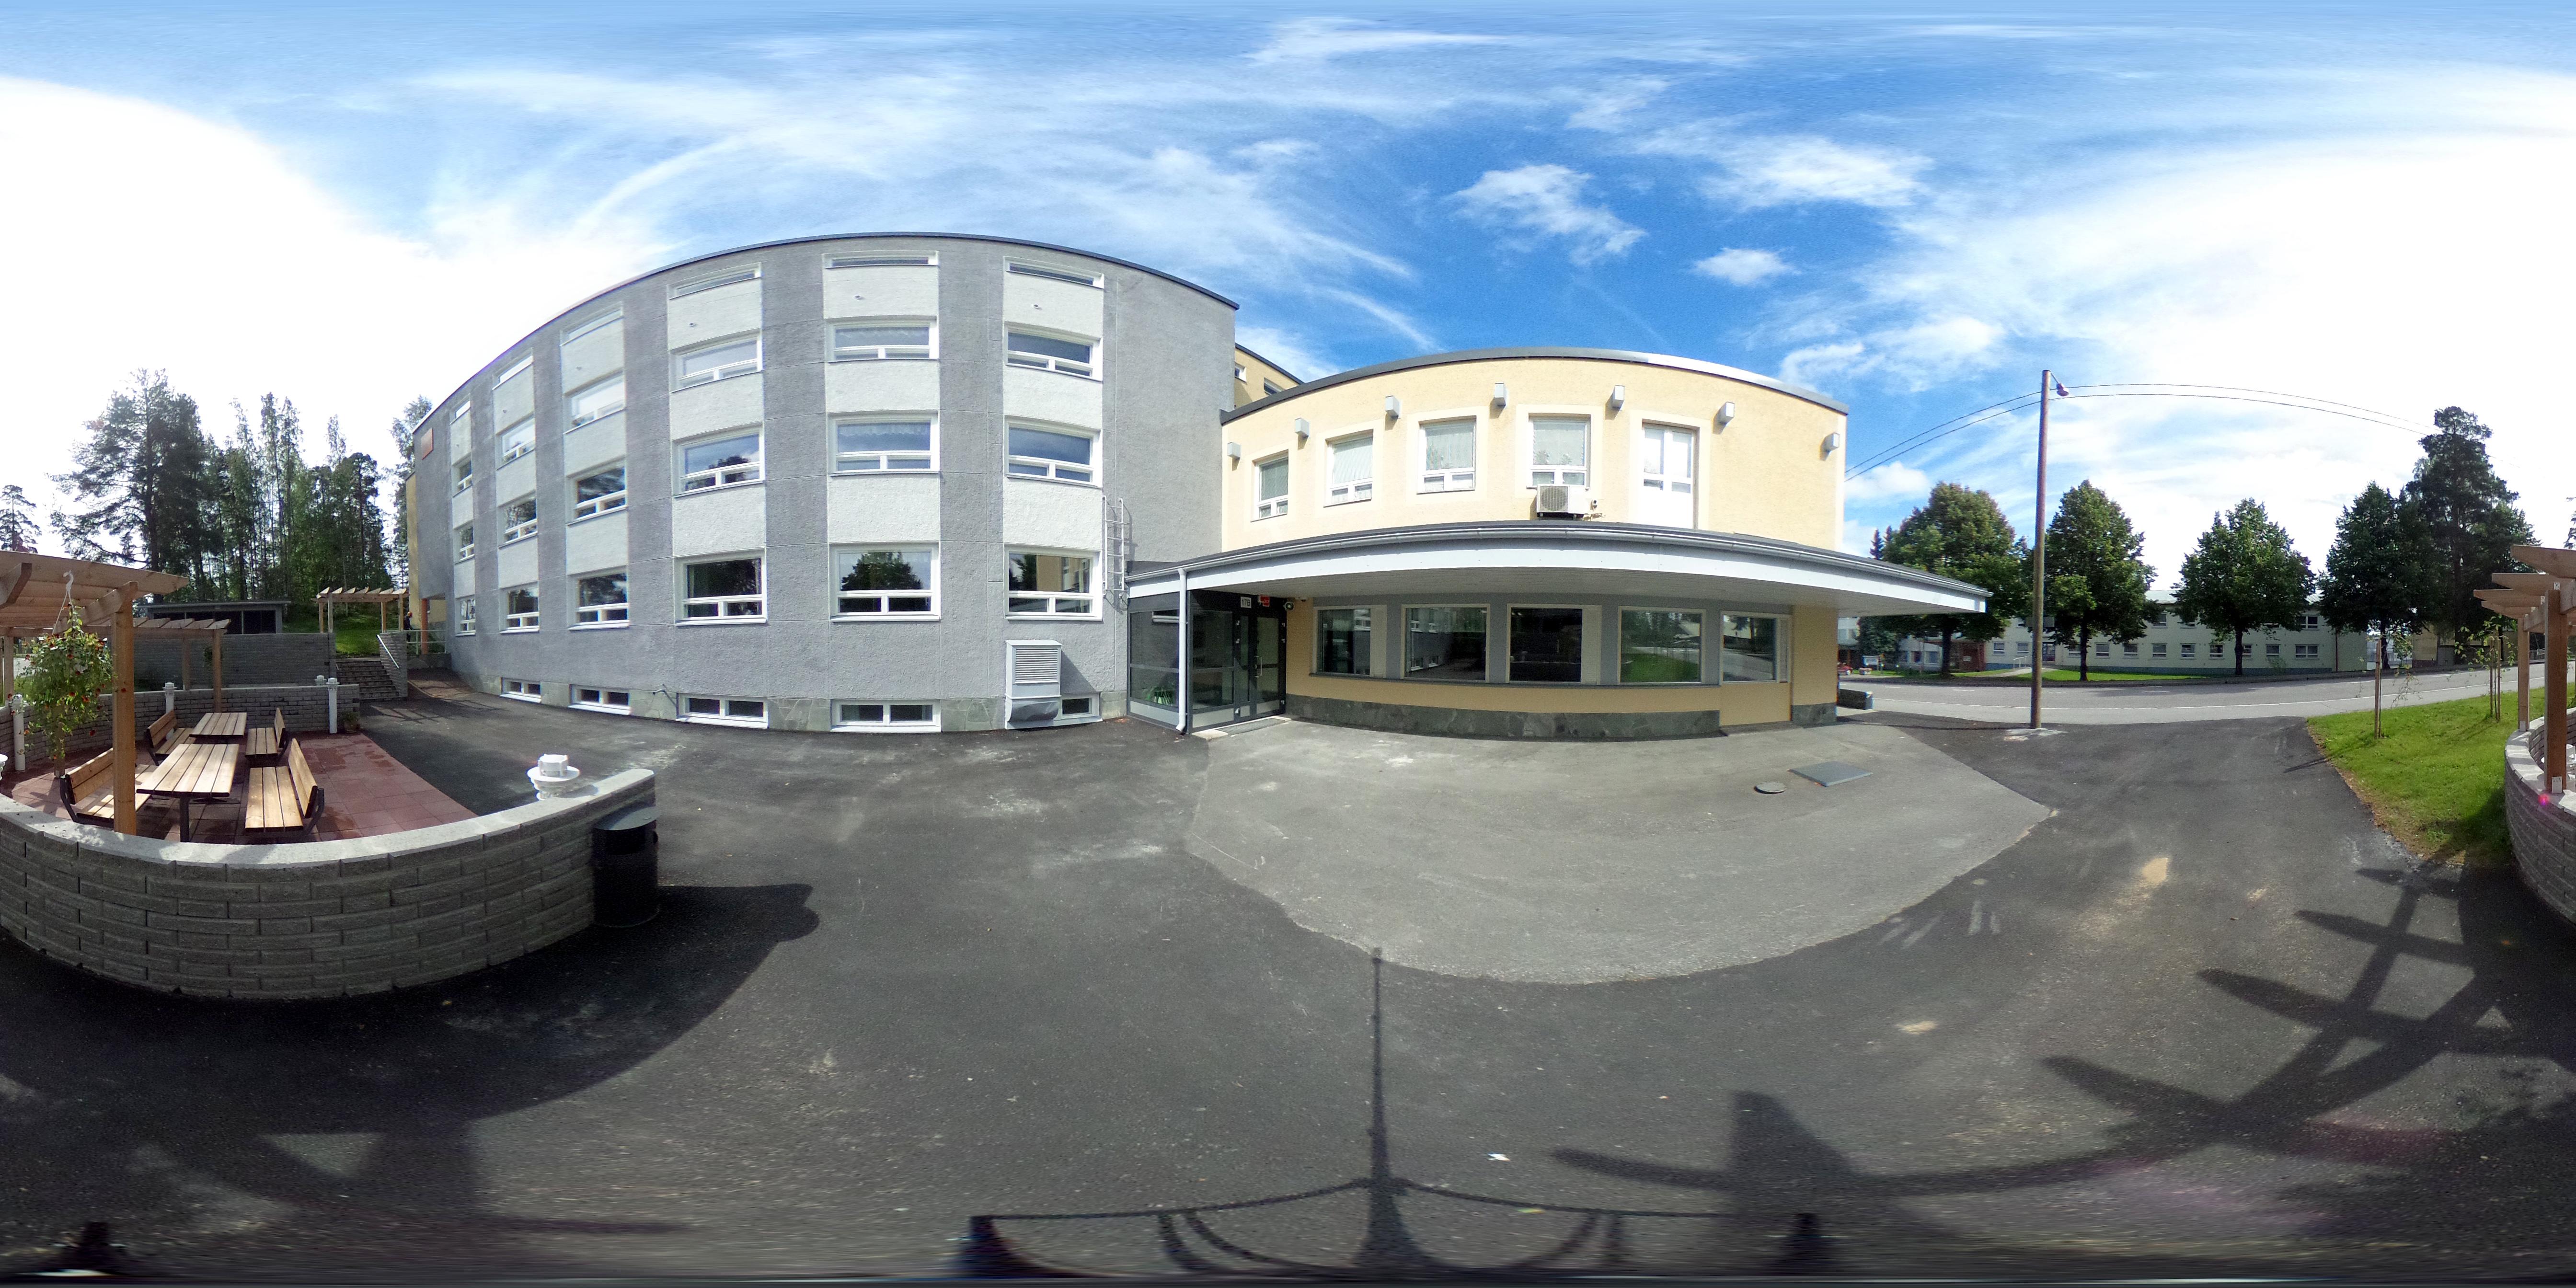 Opiskelija-asuntola1